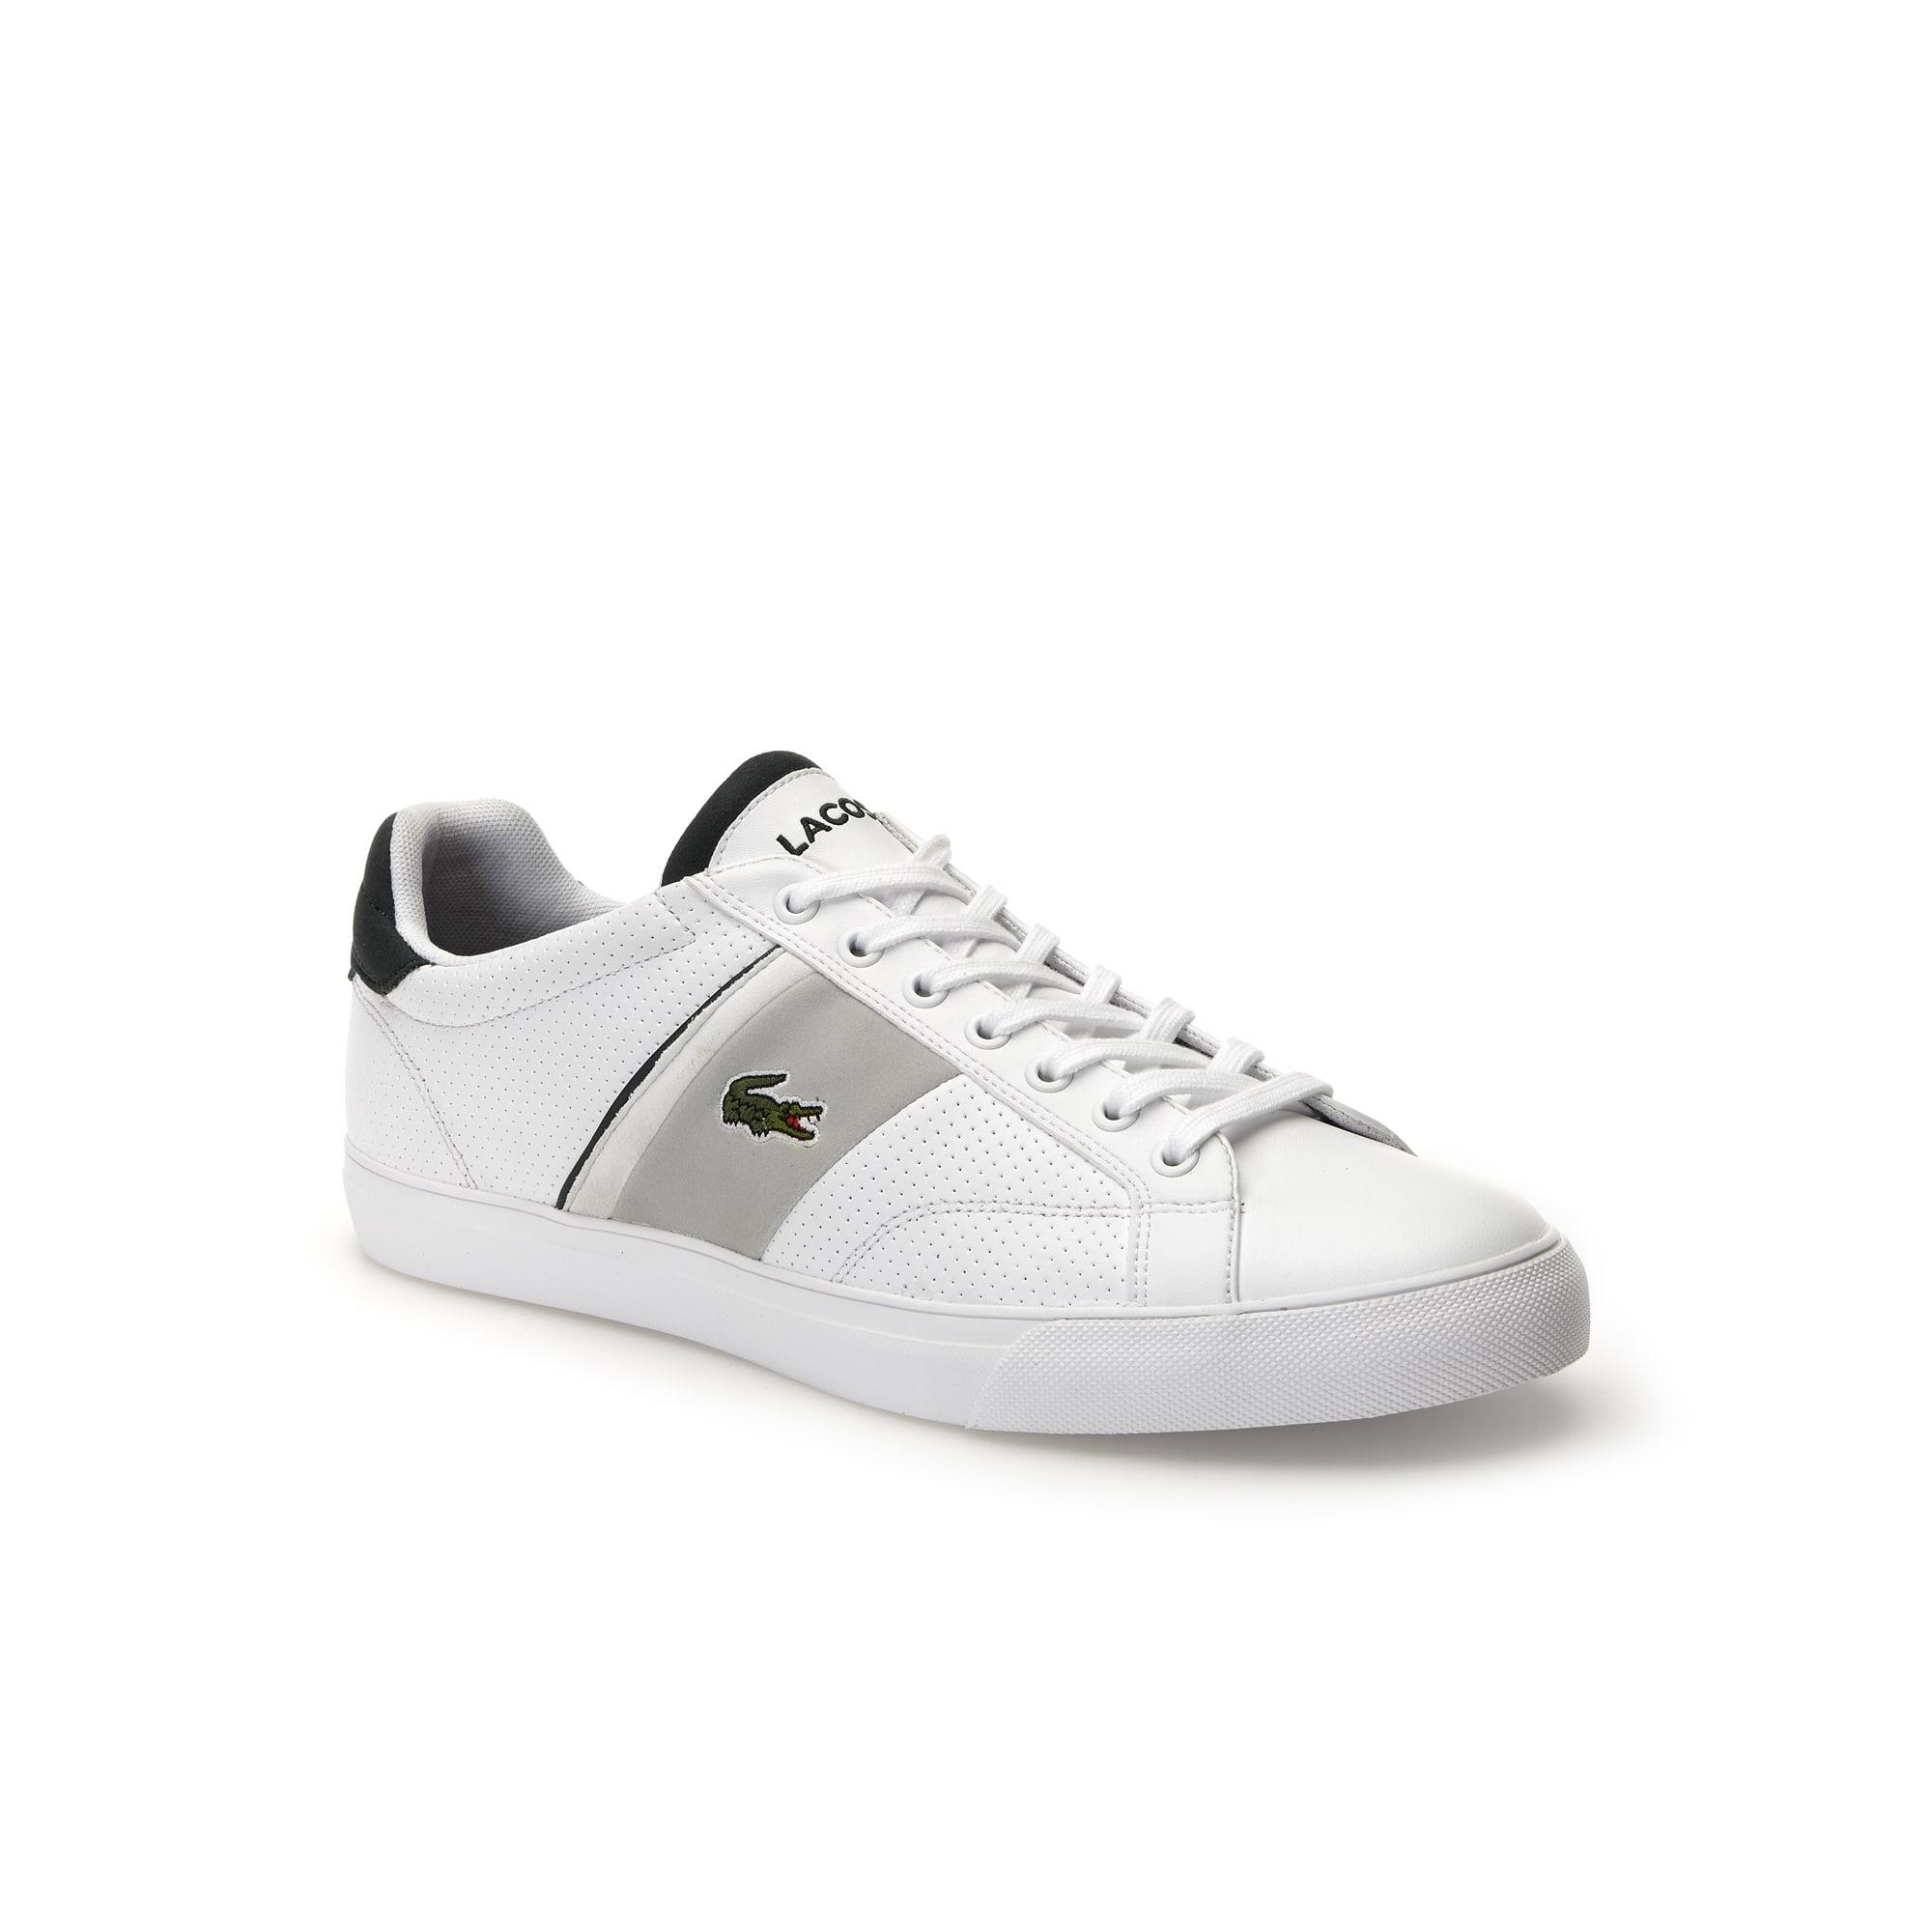 Herren-Sneakers FAIRLEAD aus Leder